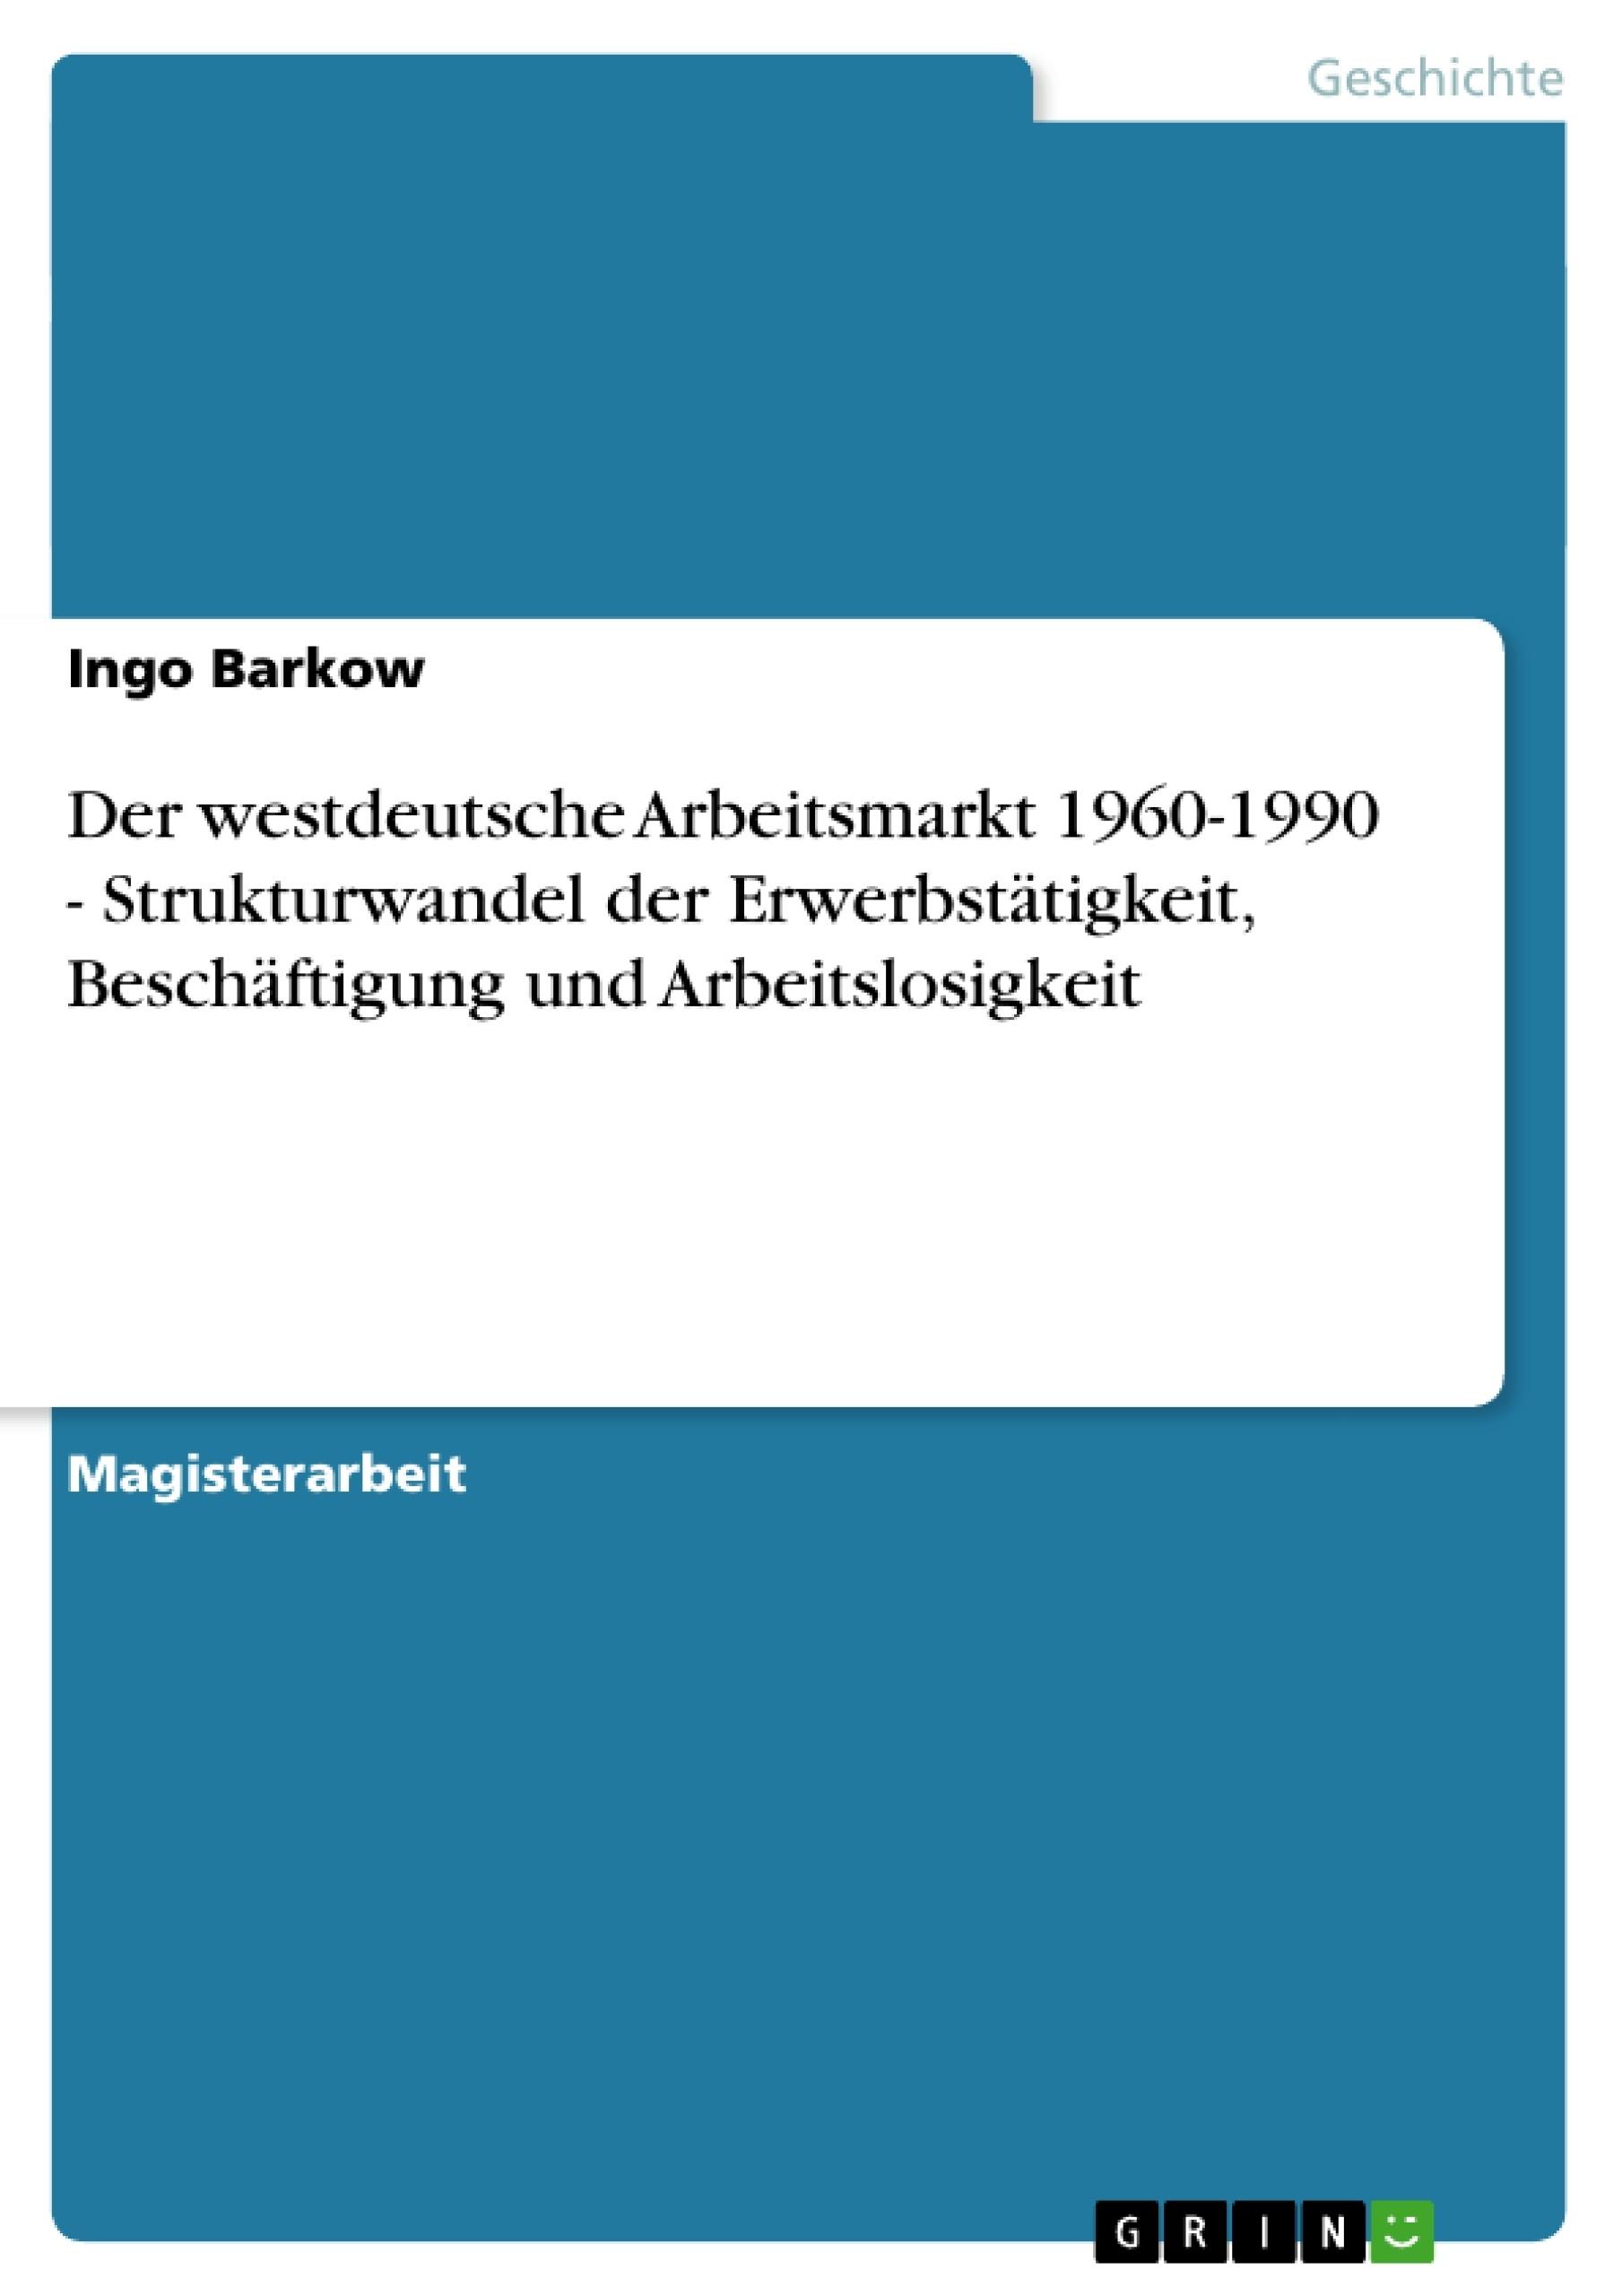 Titel: Der westdeutsche Arbeitsmarkt 1960-1990 - Strukturwandel der Erwerbstätigkeit, Beschäftigung und Arbeitslosigkeit